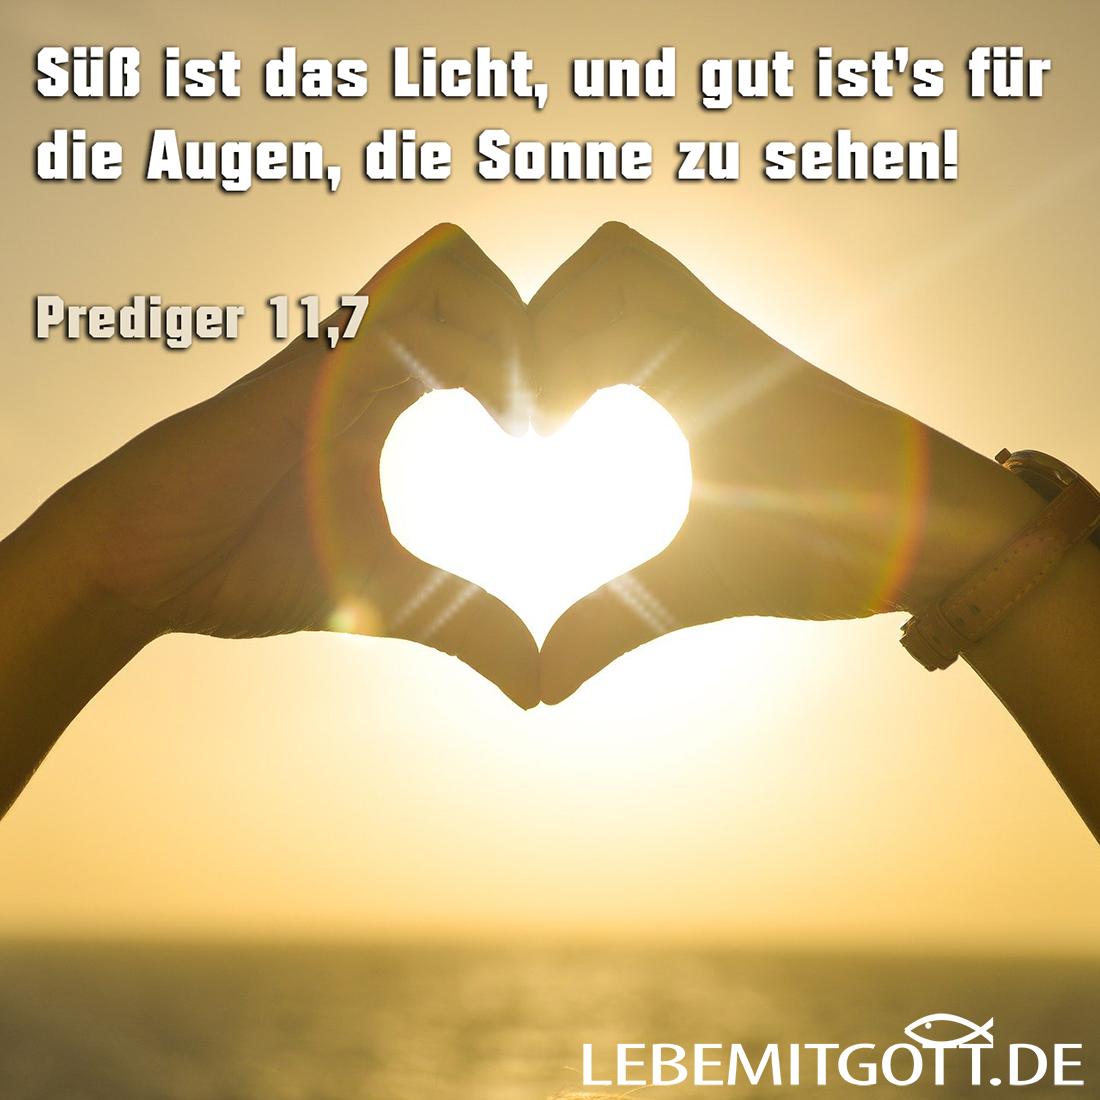 Süß ist das Licht